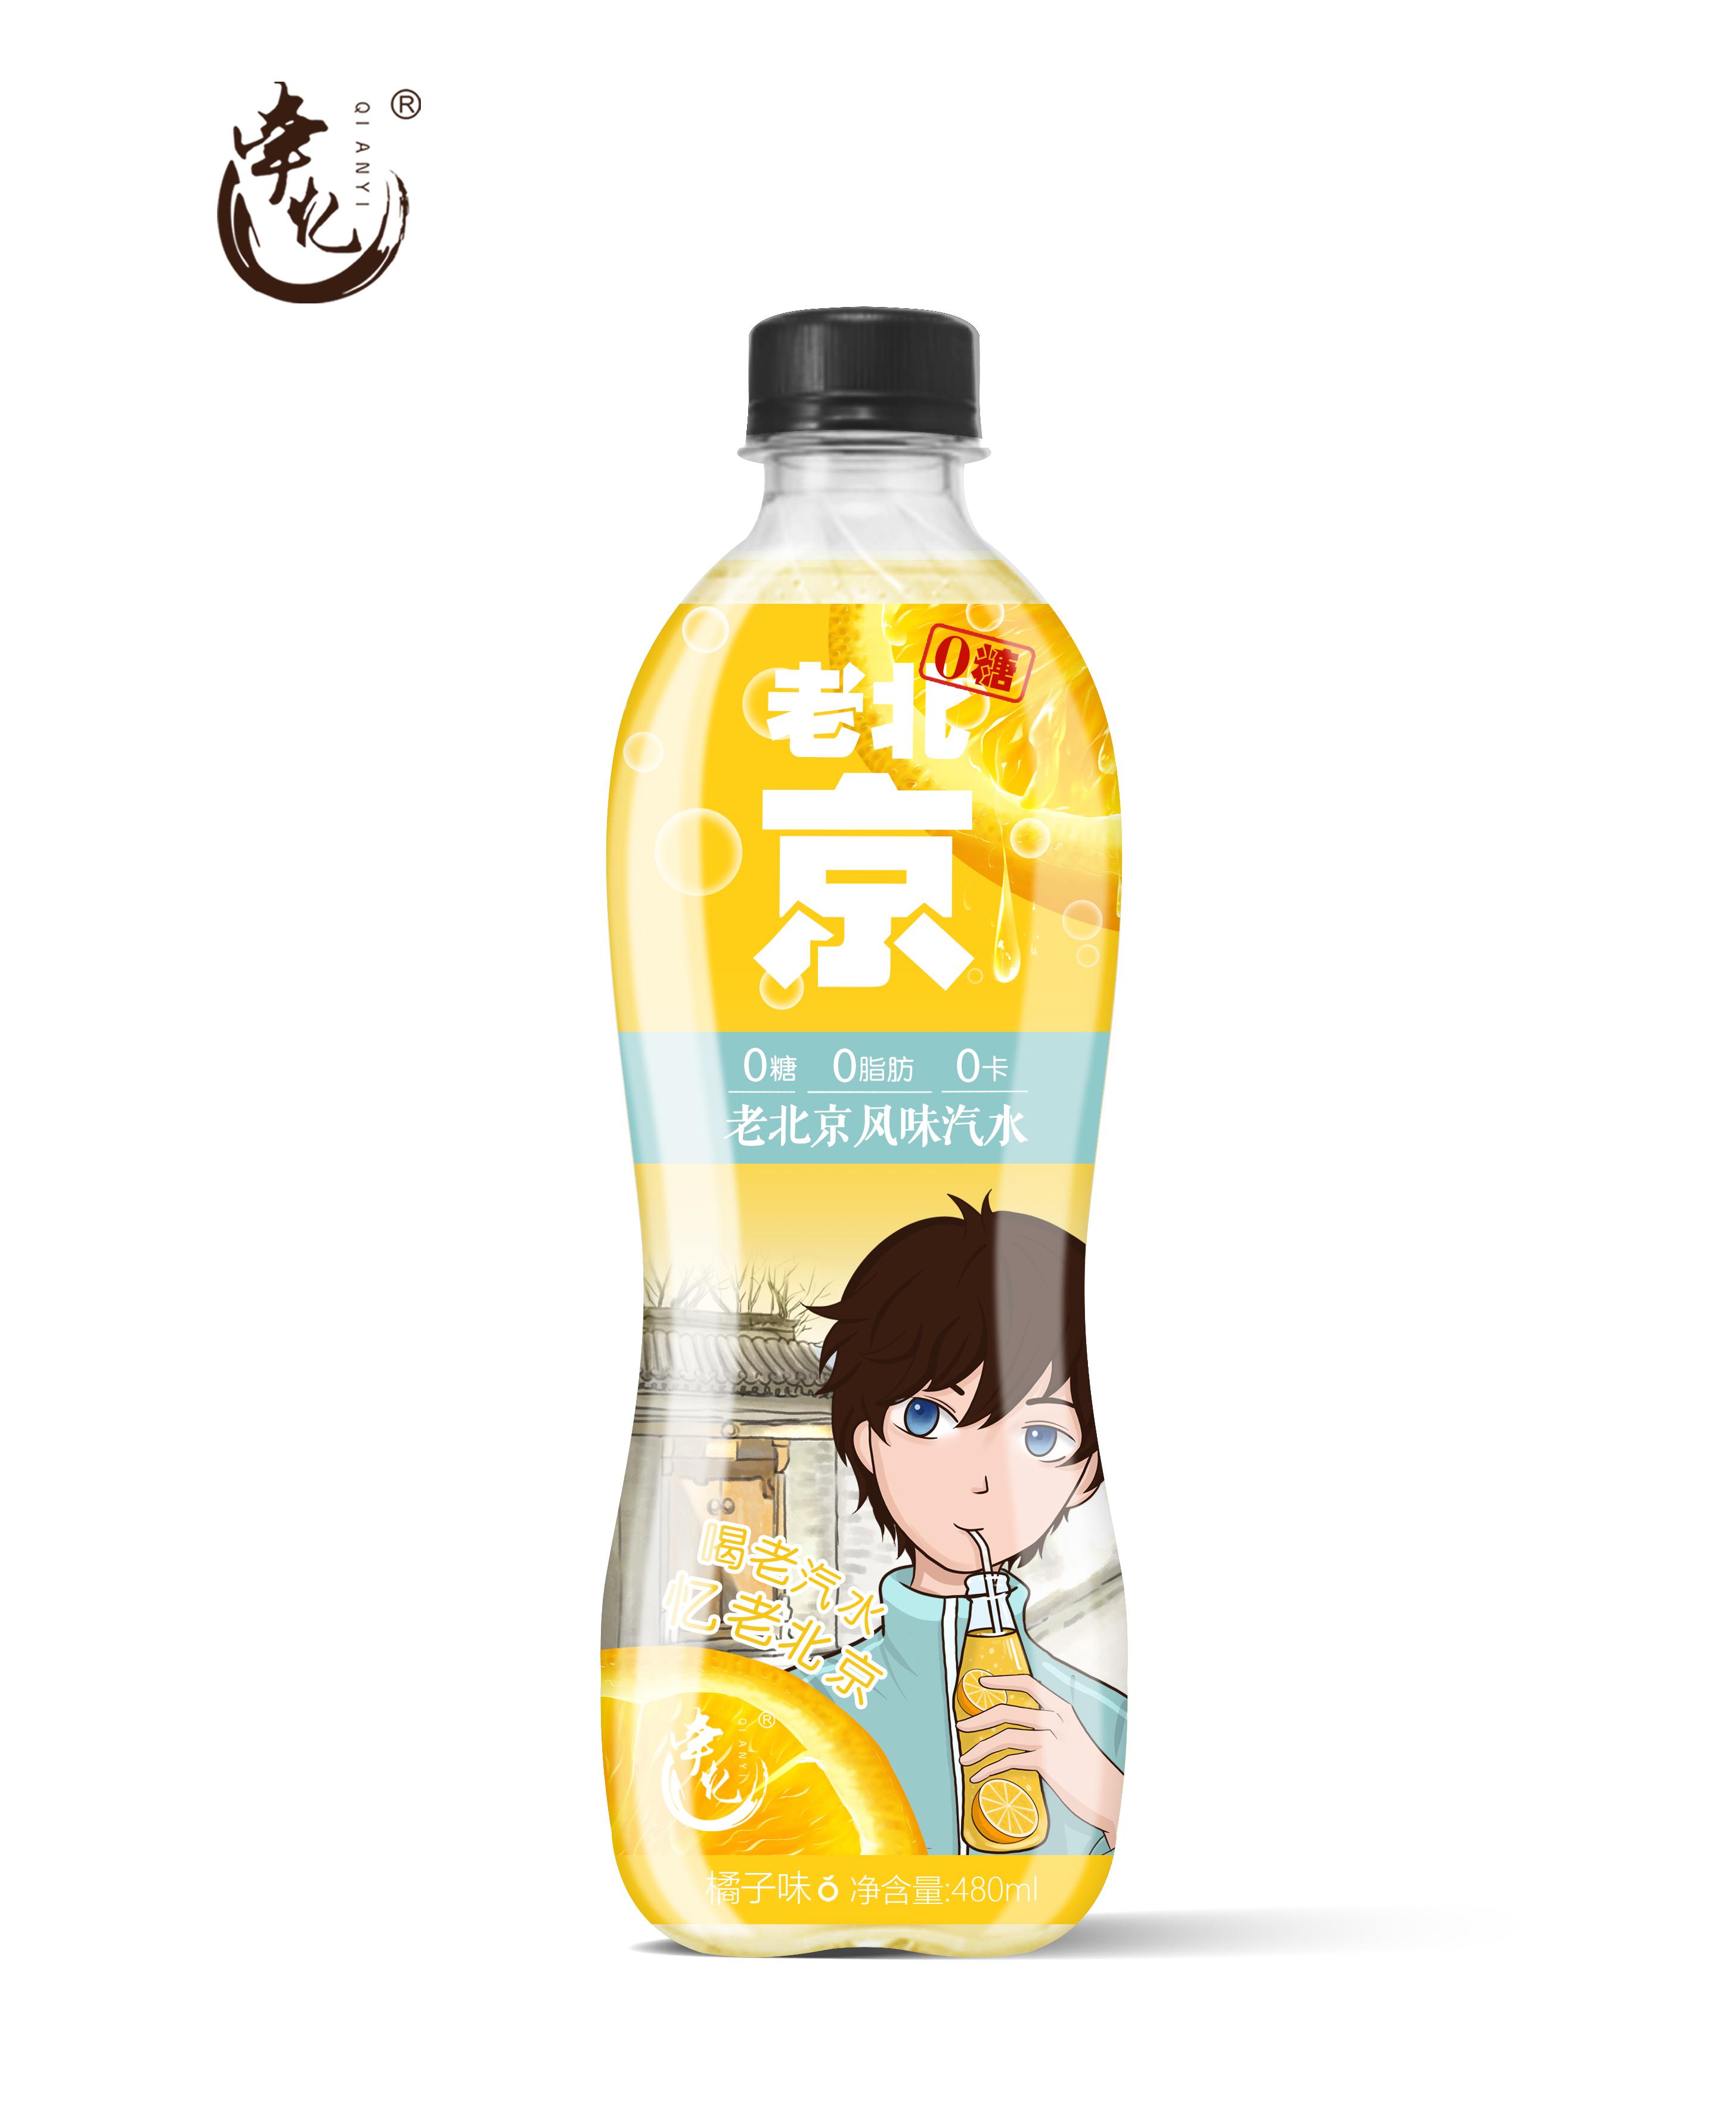 老北京�L味汽水(橘子味)